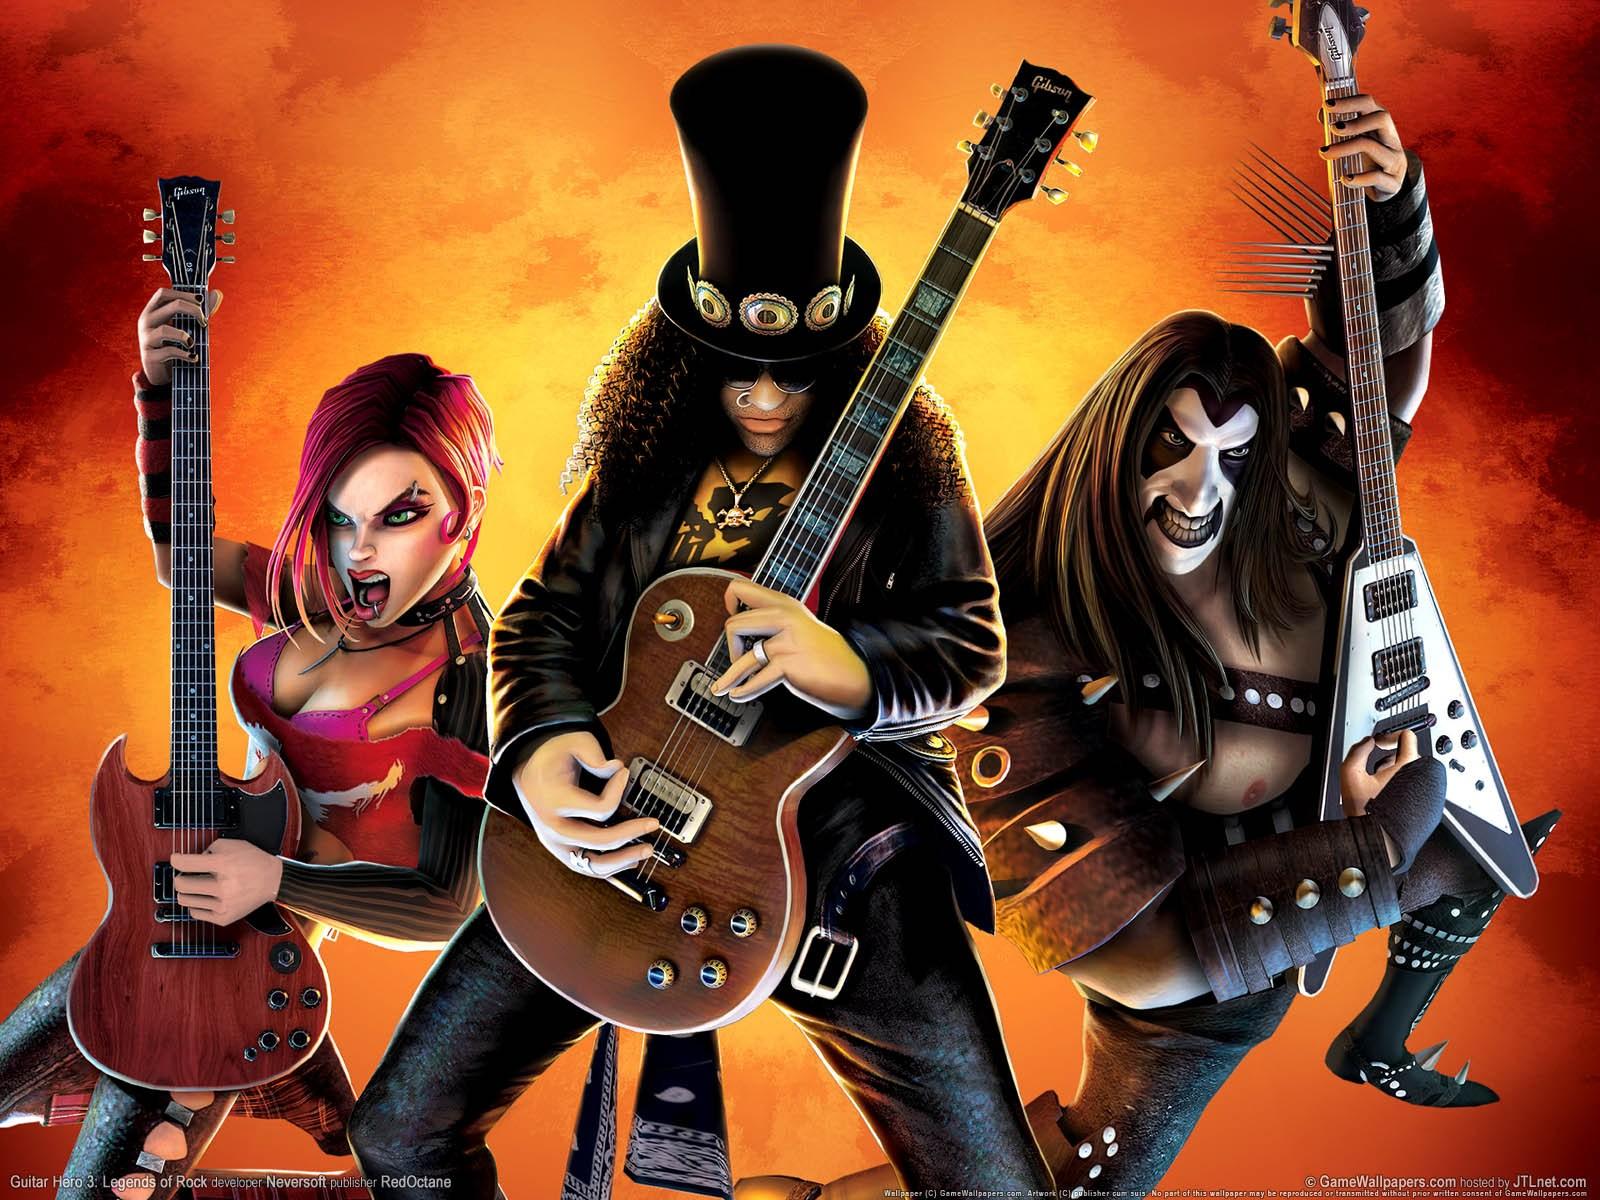 http://4.bp.blogspot.com/_TeGH3Qc48_0/S_JDvvox3pI/AAAAAAAAAH4/CcQVuWXKvzA/s1600/Guitar-Hero-3-Legend-Rock-1593.jpg